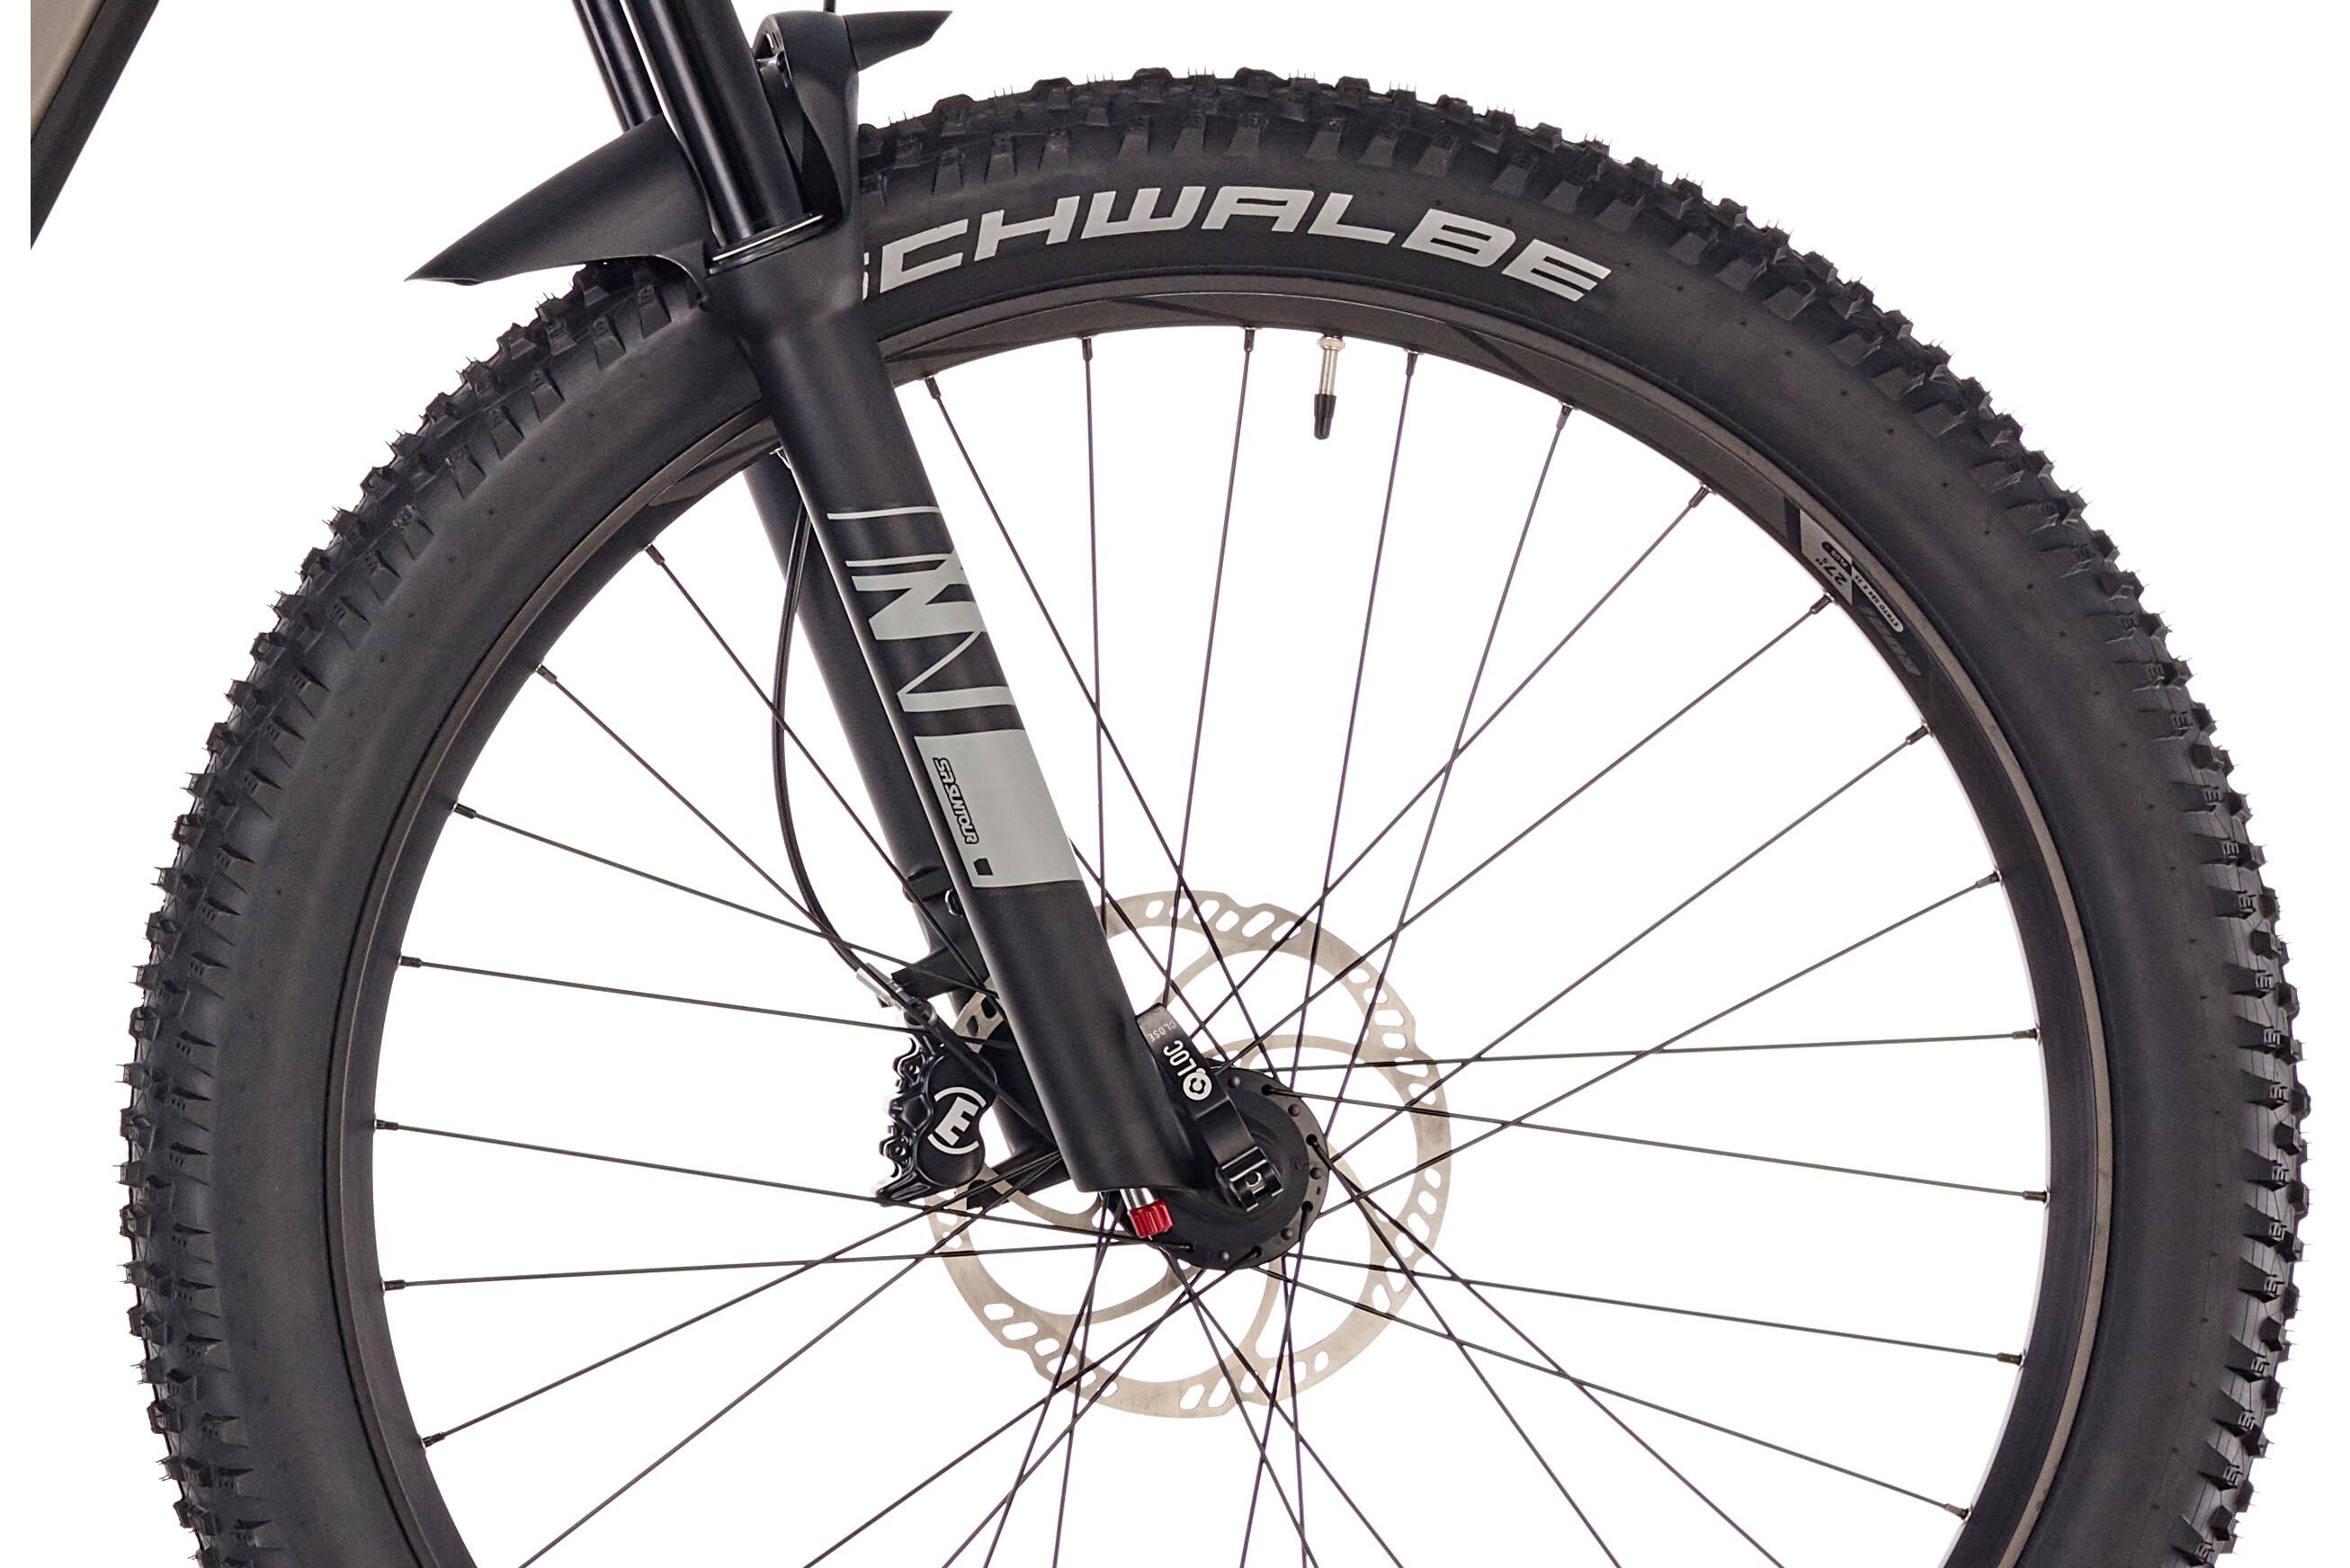 91246e34d07 FOCUS Jarifa² 6.8 Plus E-MTB Hardtail grey at Bikester.co.uk